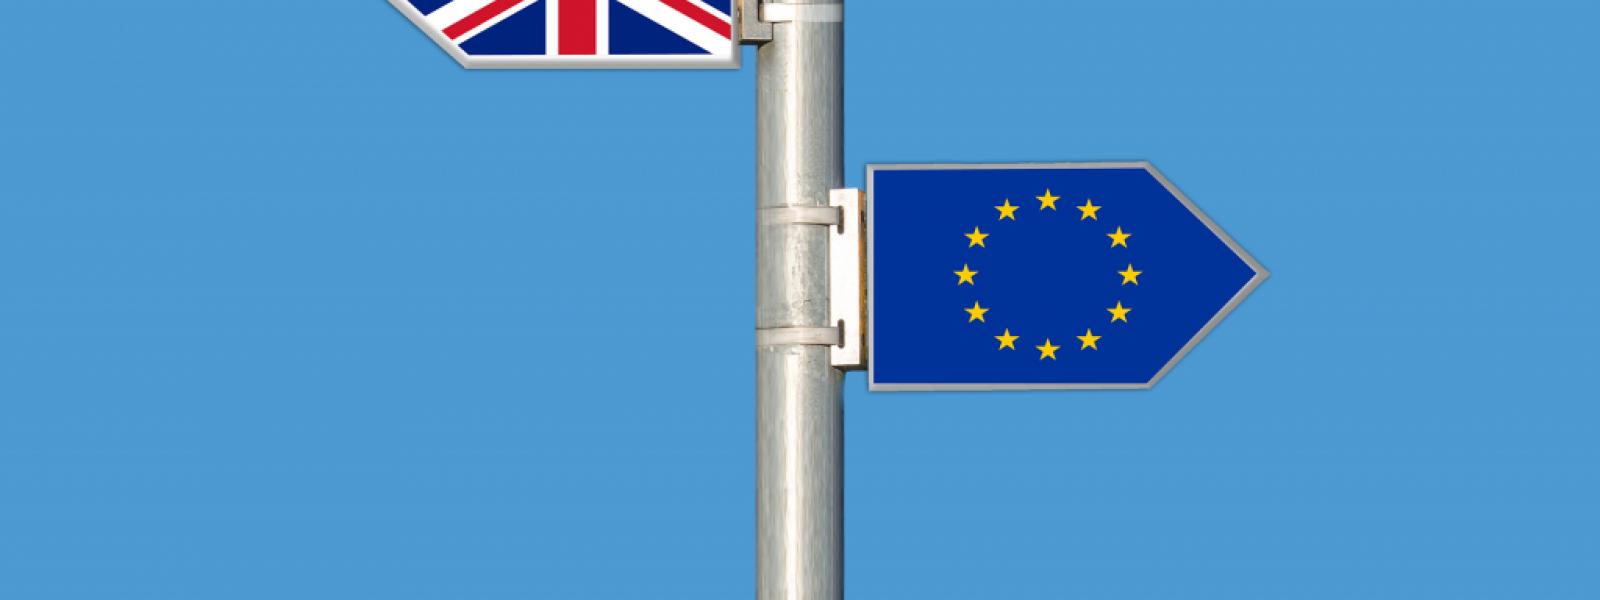 Datenverkehr zwischen der EU und dem Vereinigten Königreich geregelt